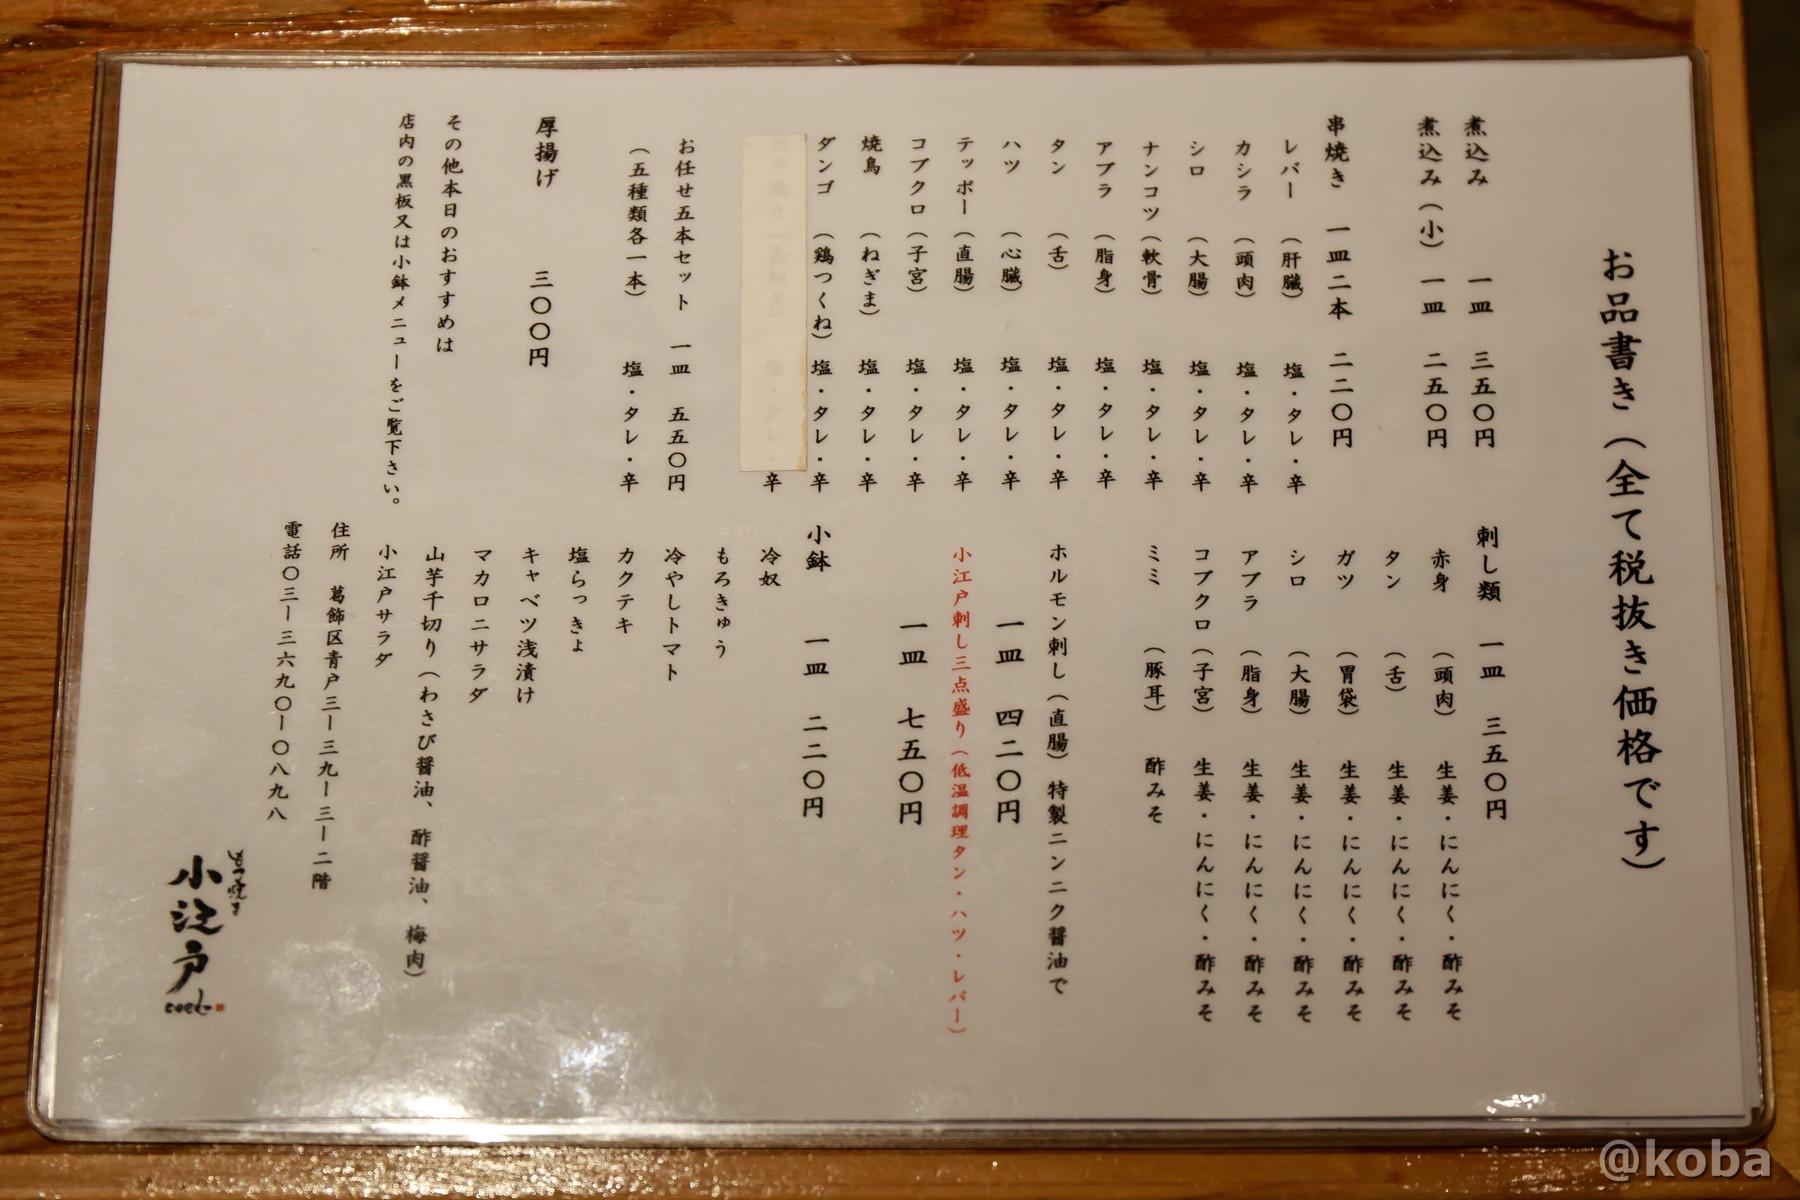 メニューの写真 青砥 小江戸(こえど) もつ焼き 居酒屋  東京都葛飾区・青戸